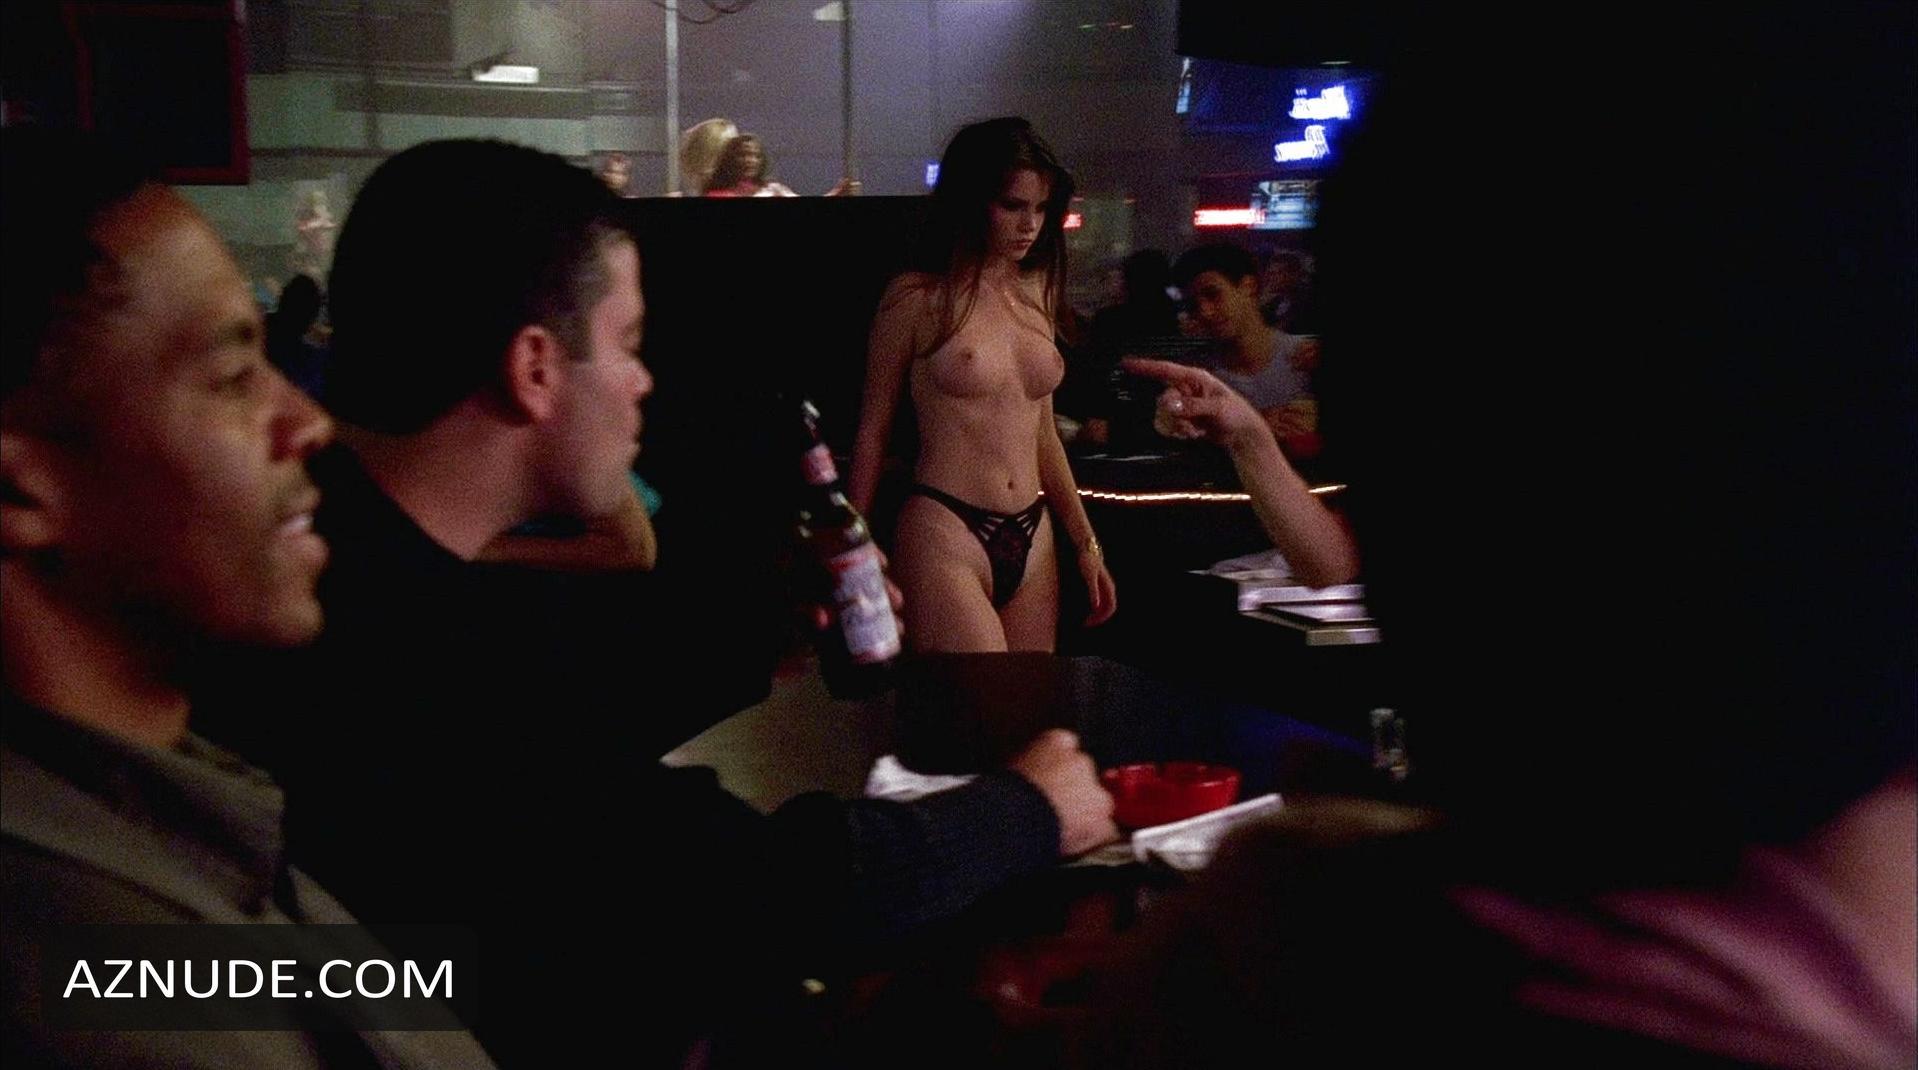 Liza del sierra works her asshole - 5 6